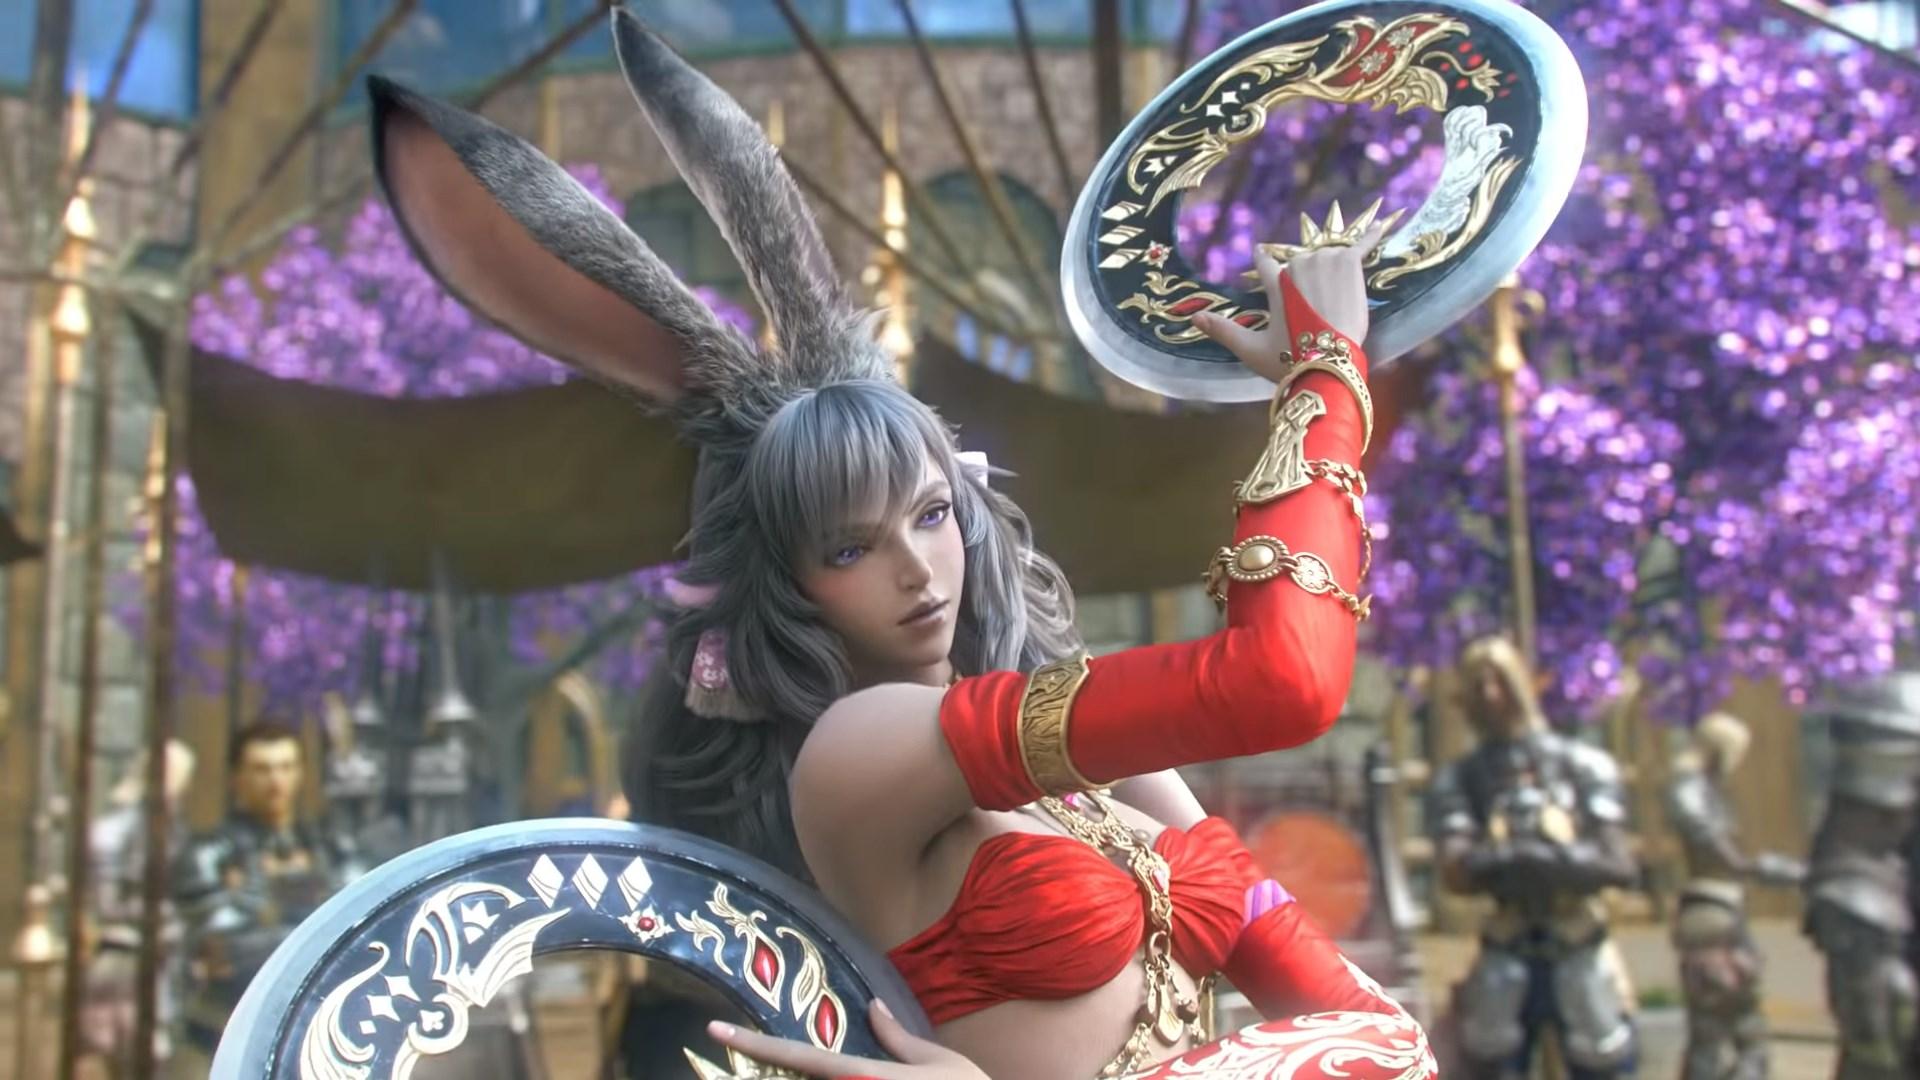 Final Fantasy 14 may be coming to PlayStation 5